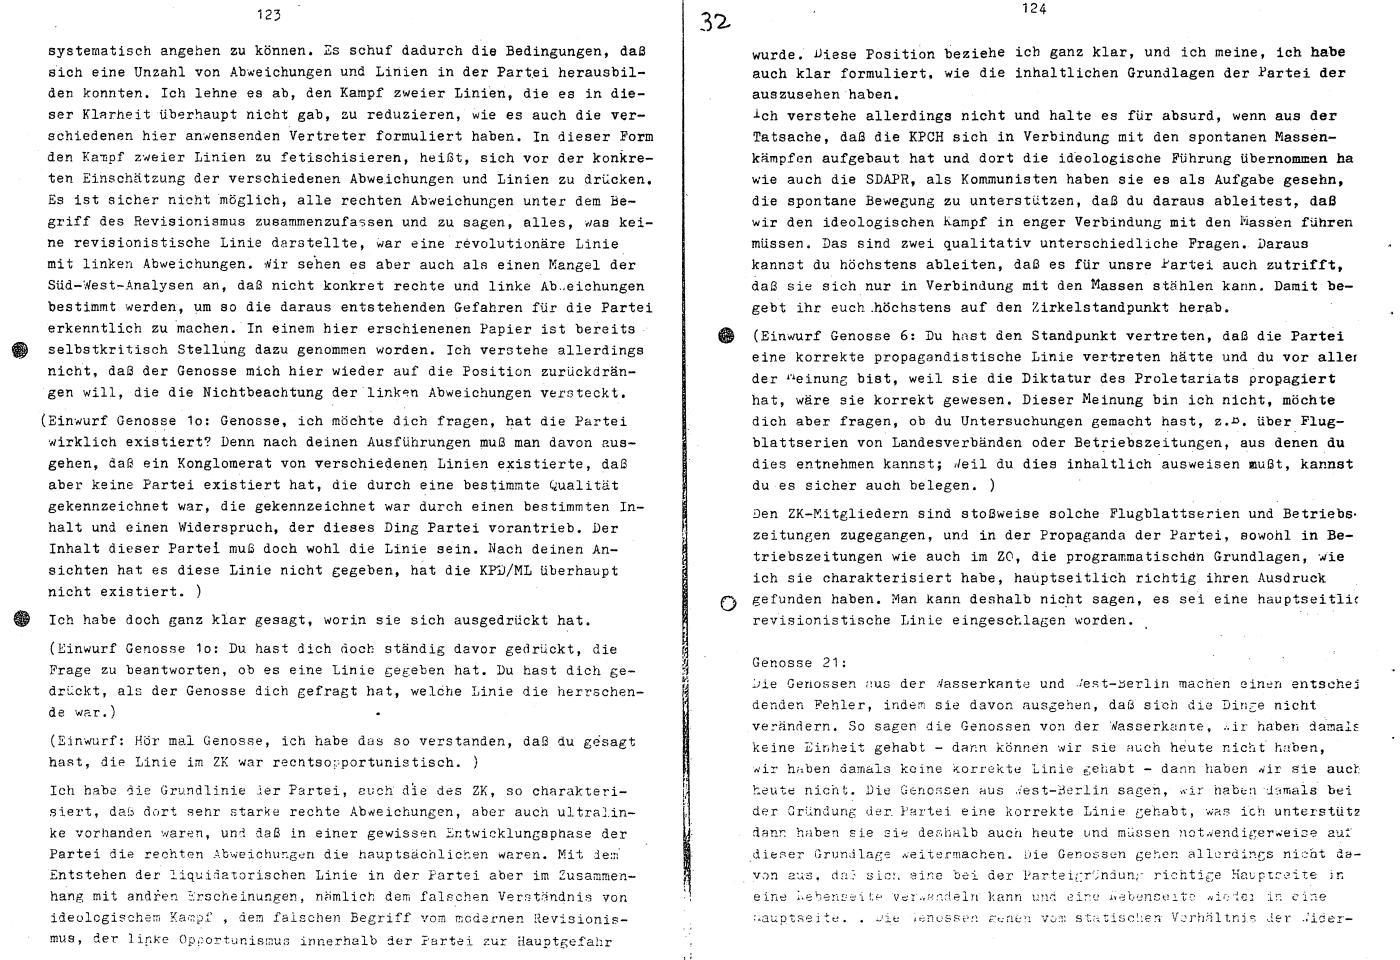 KPDML_1971_Wortprotokolle_aoPt_051